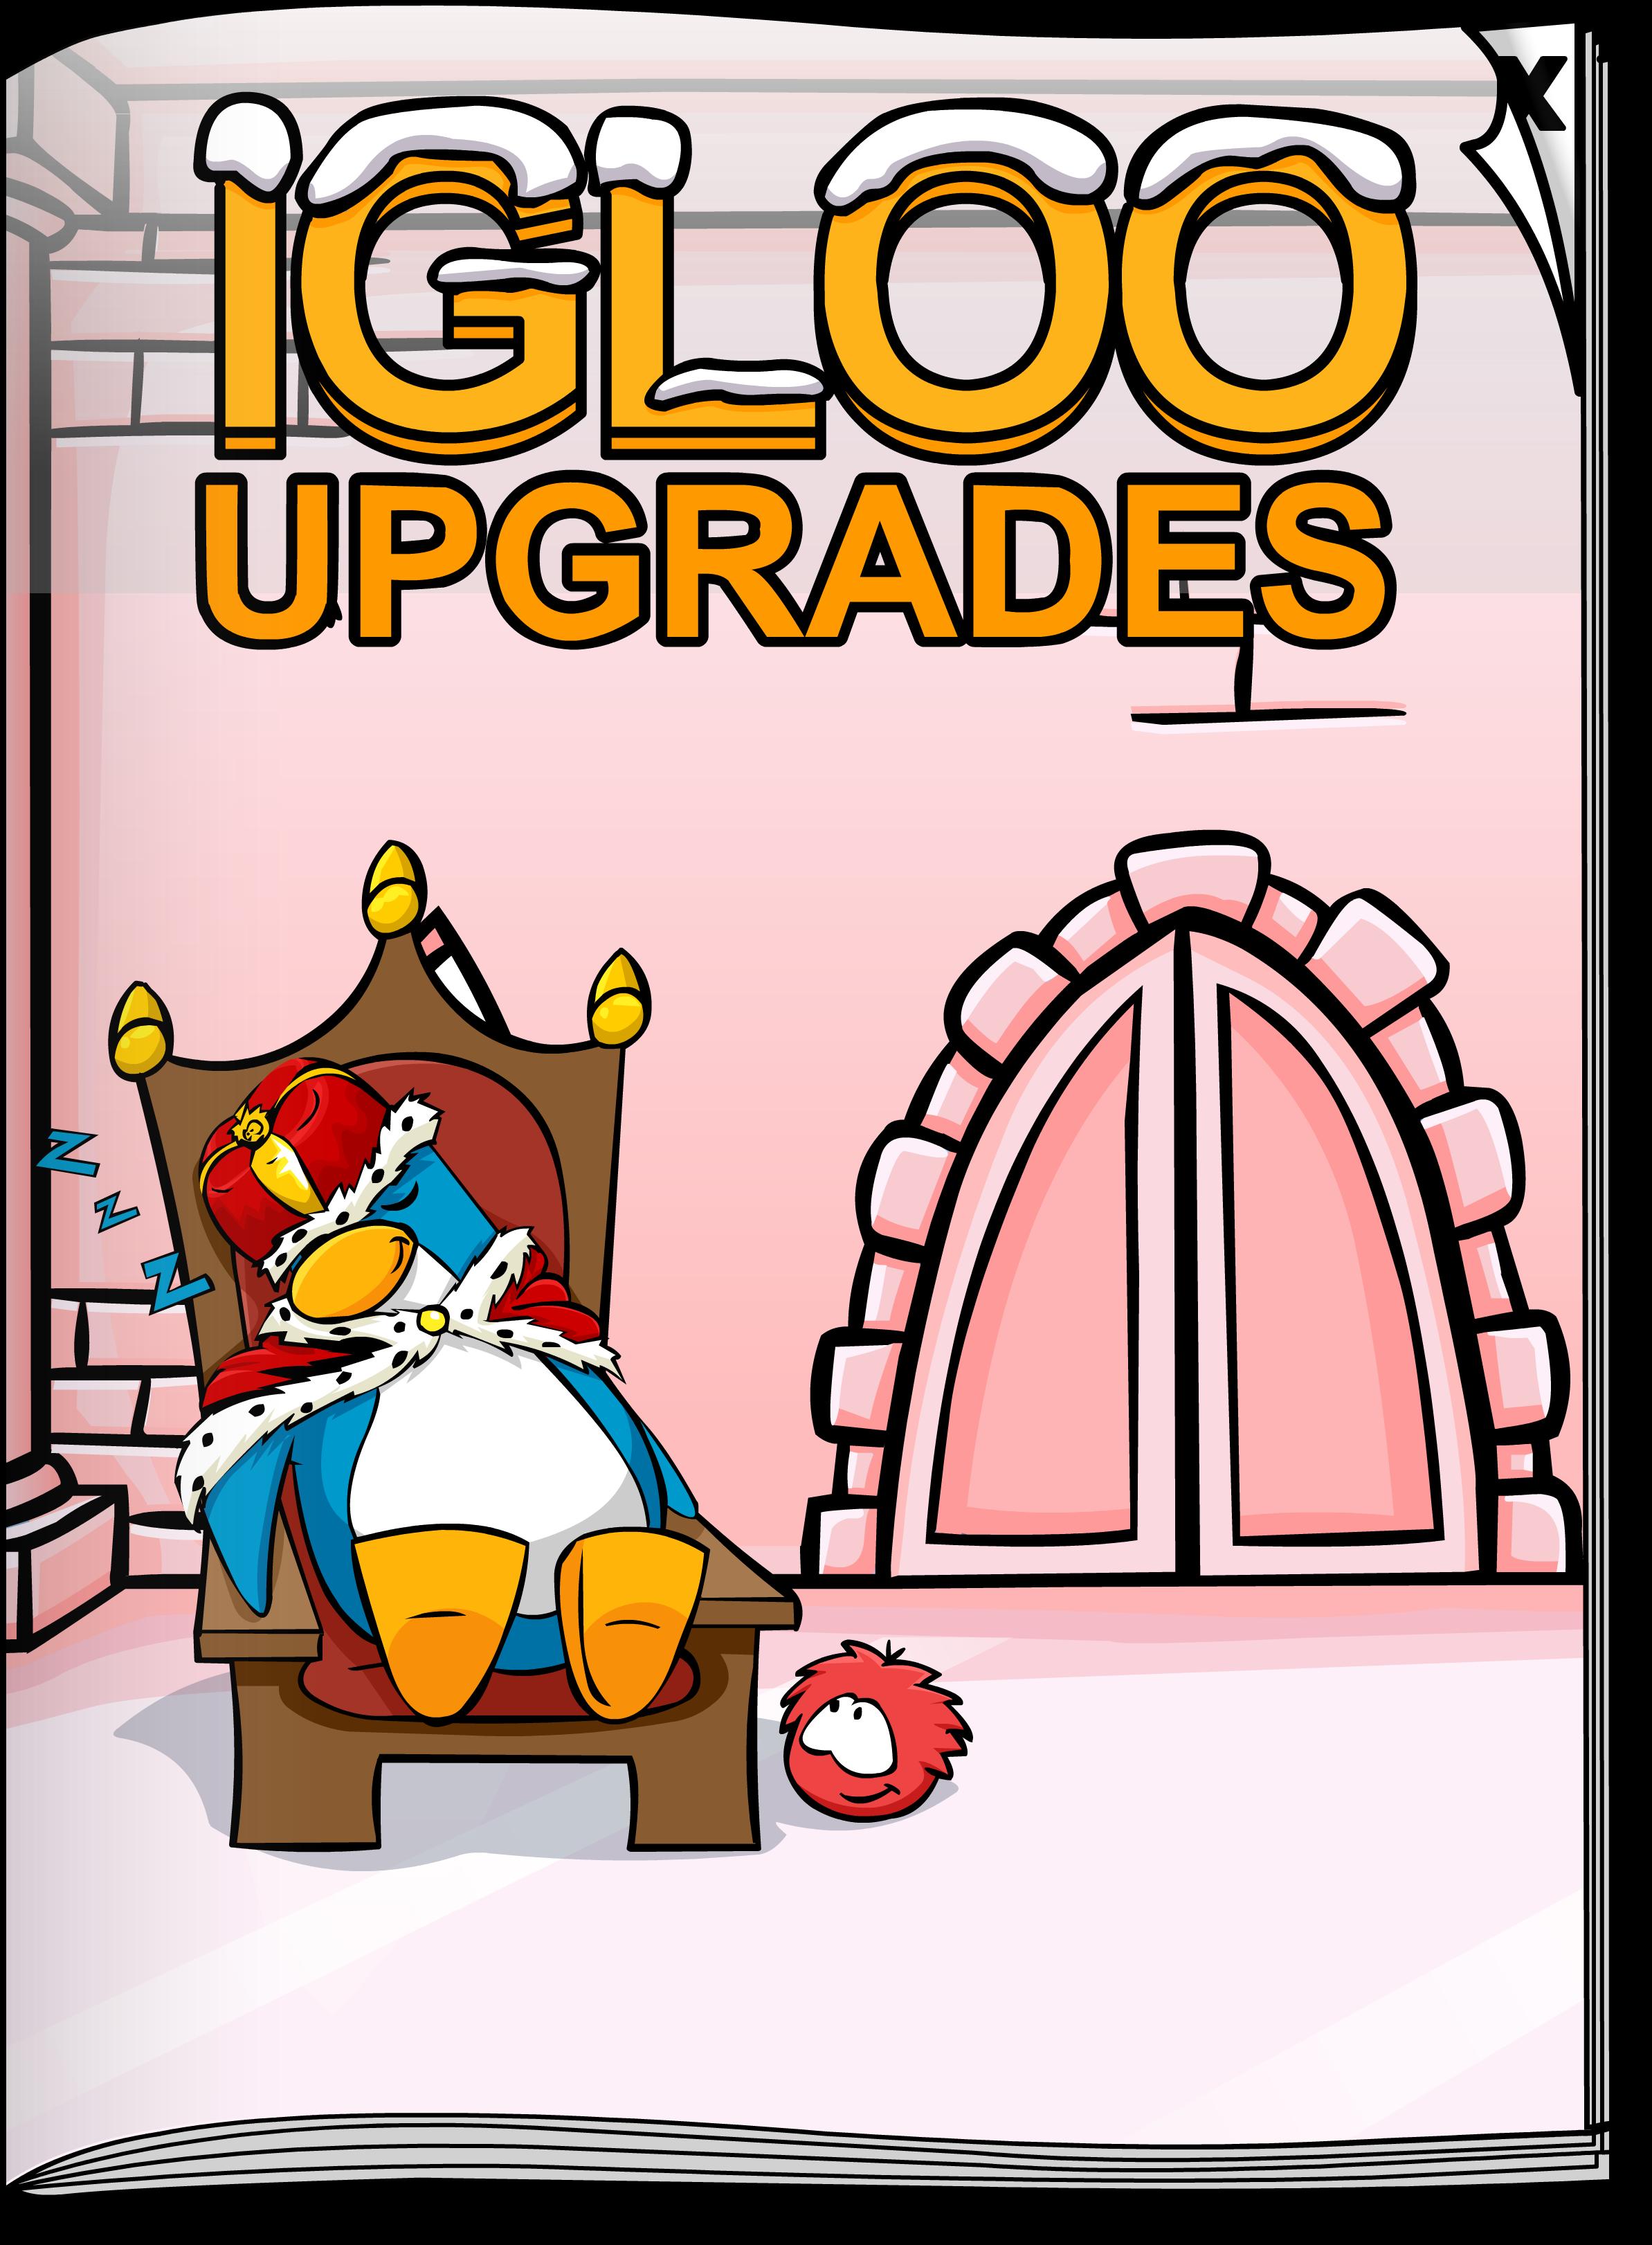 Igloo Upgrades Feb'17